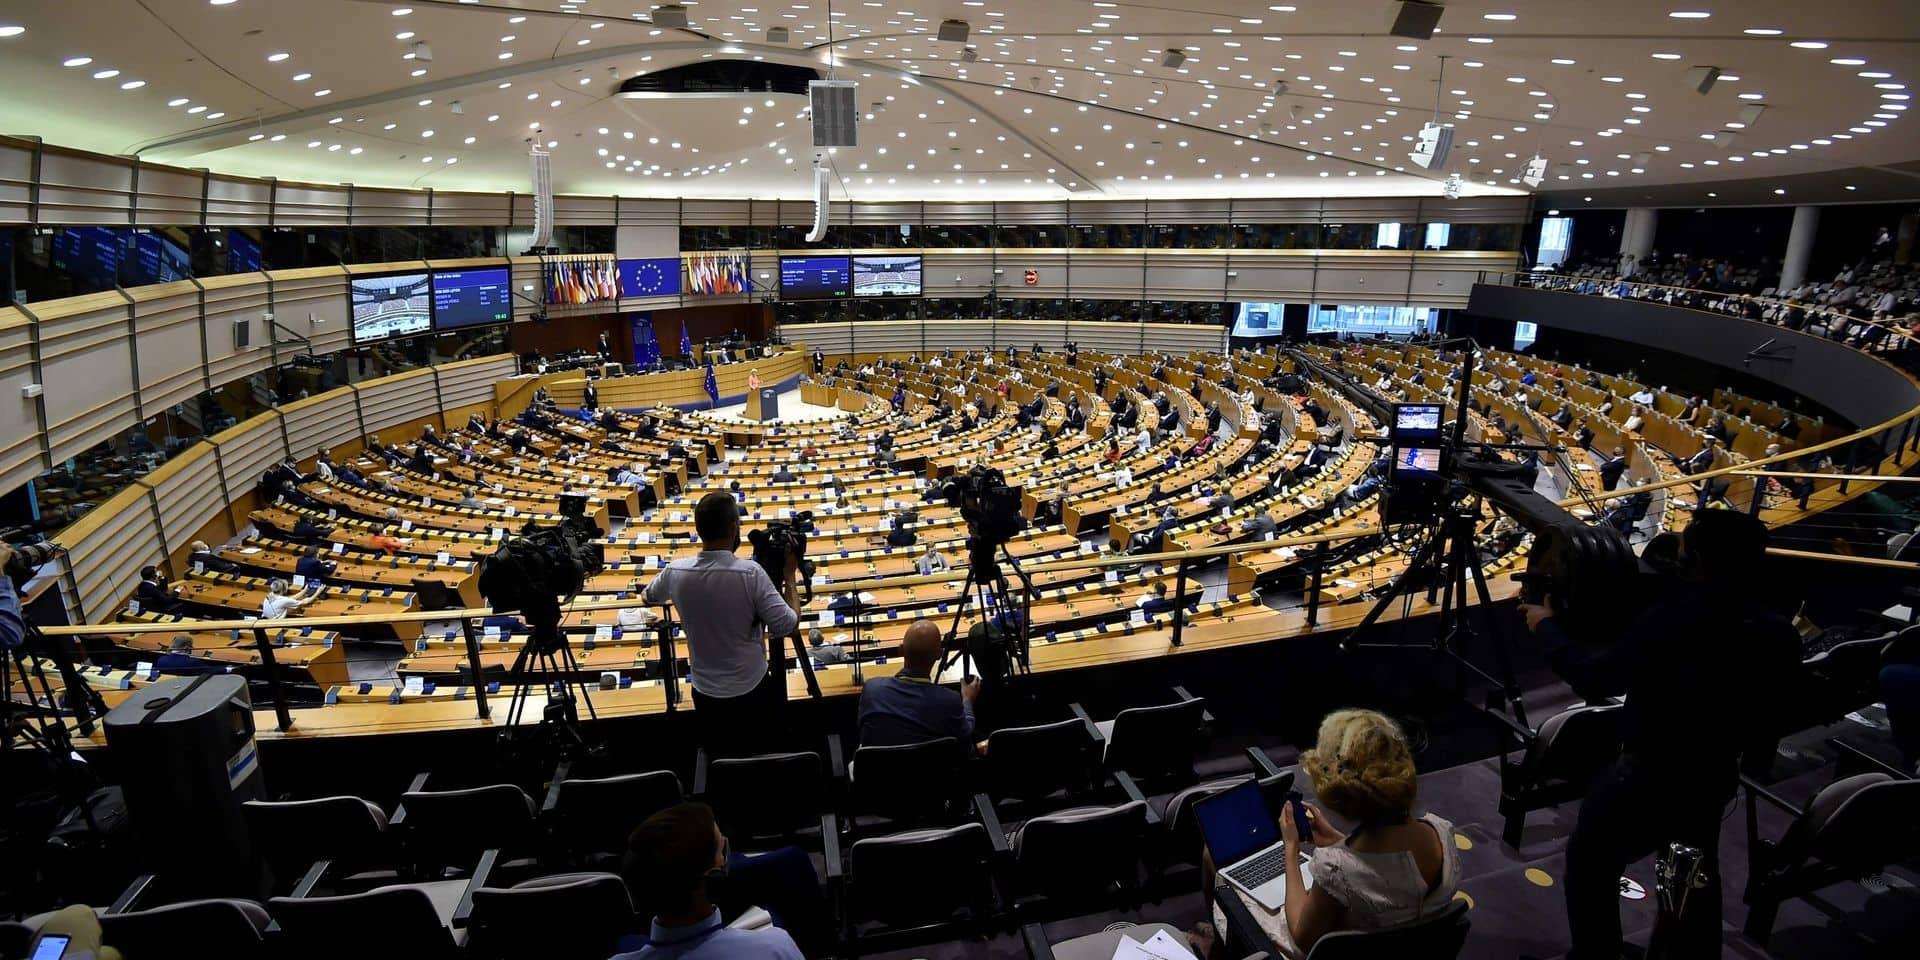 Le traité sur l'énergie embarrasse l'Union européenne qui se veut leader climatique